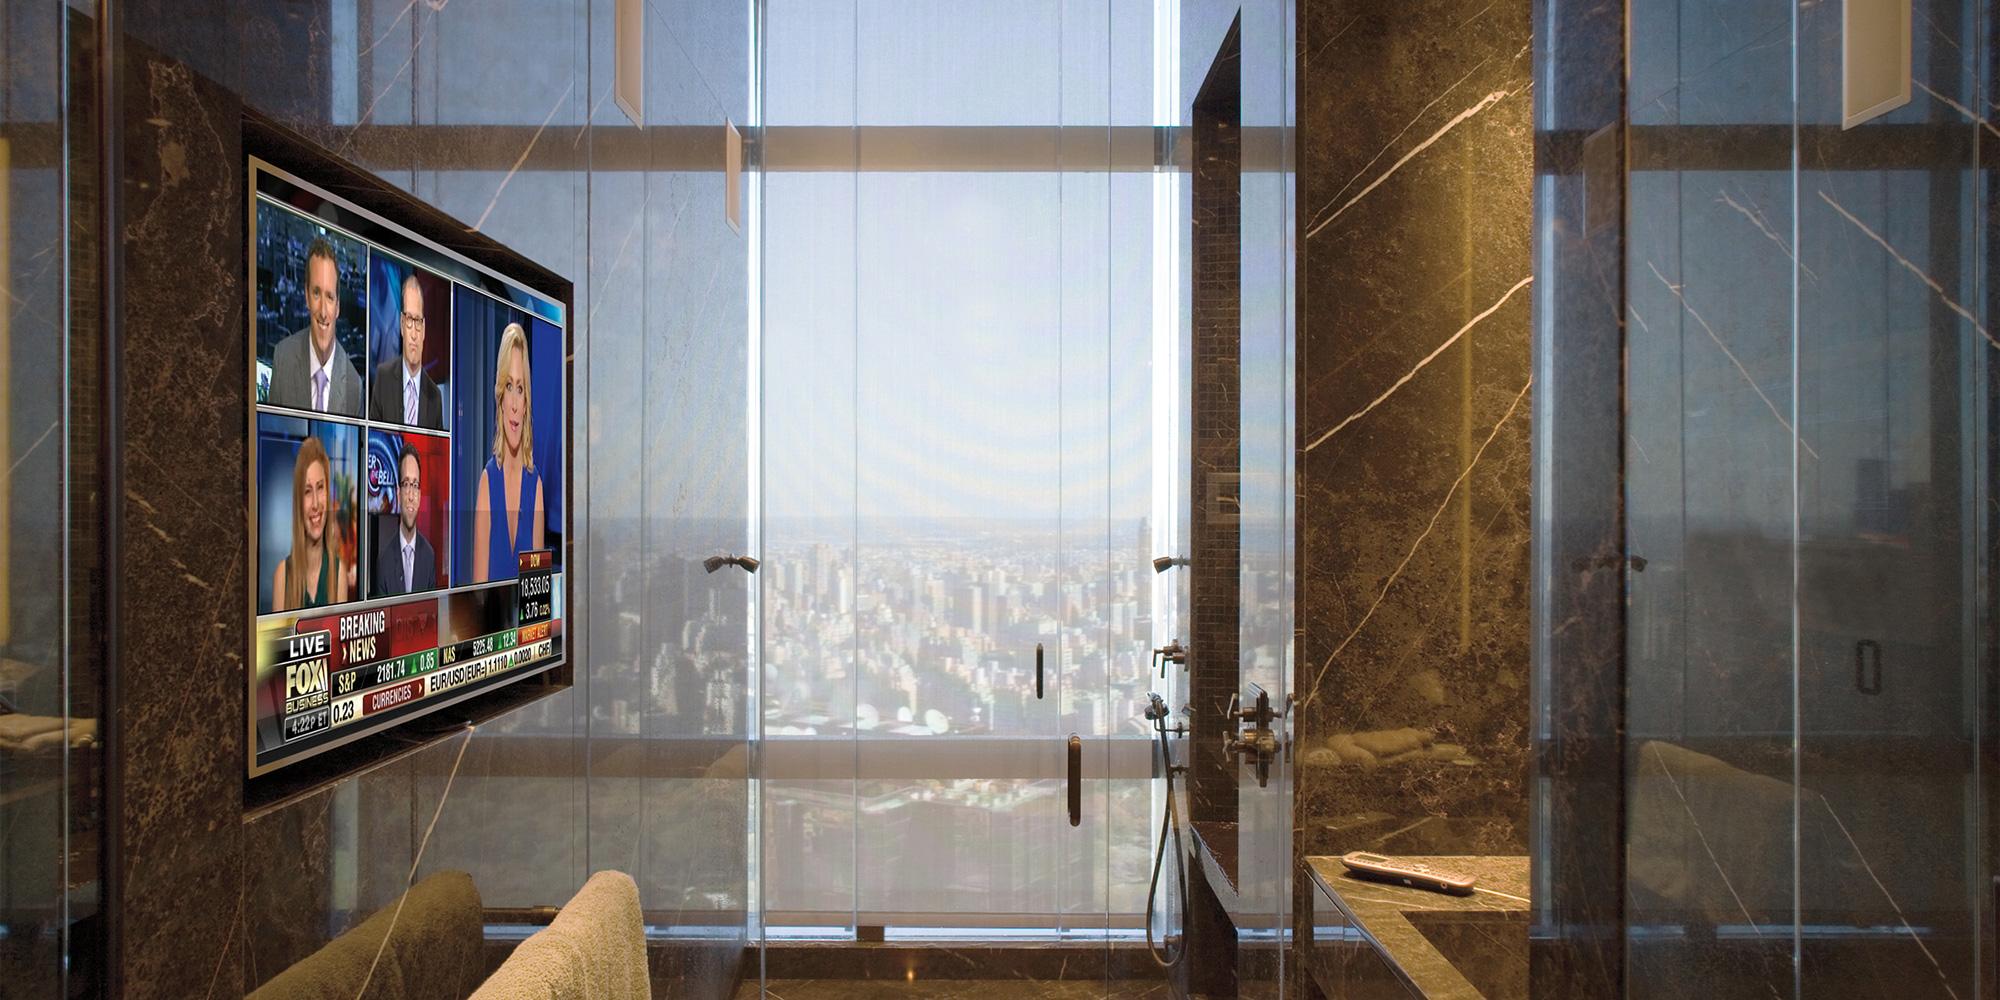 bathroom, TV, waterproof TV, recess, shades, solar shades, speakers, in-wall speakers